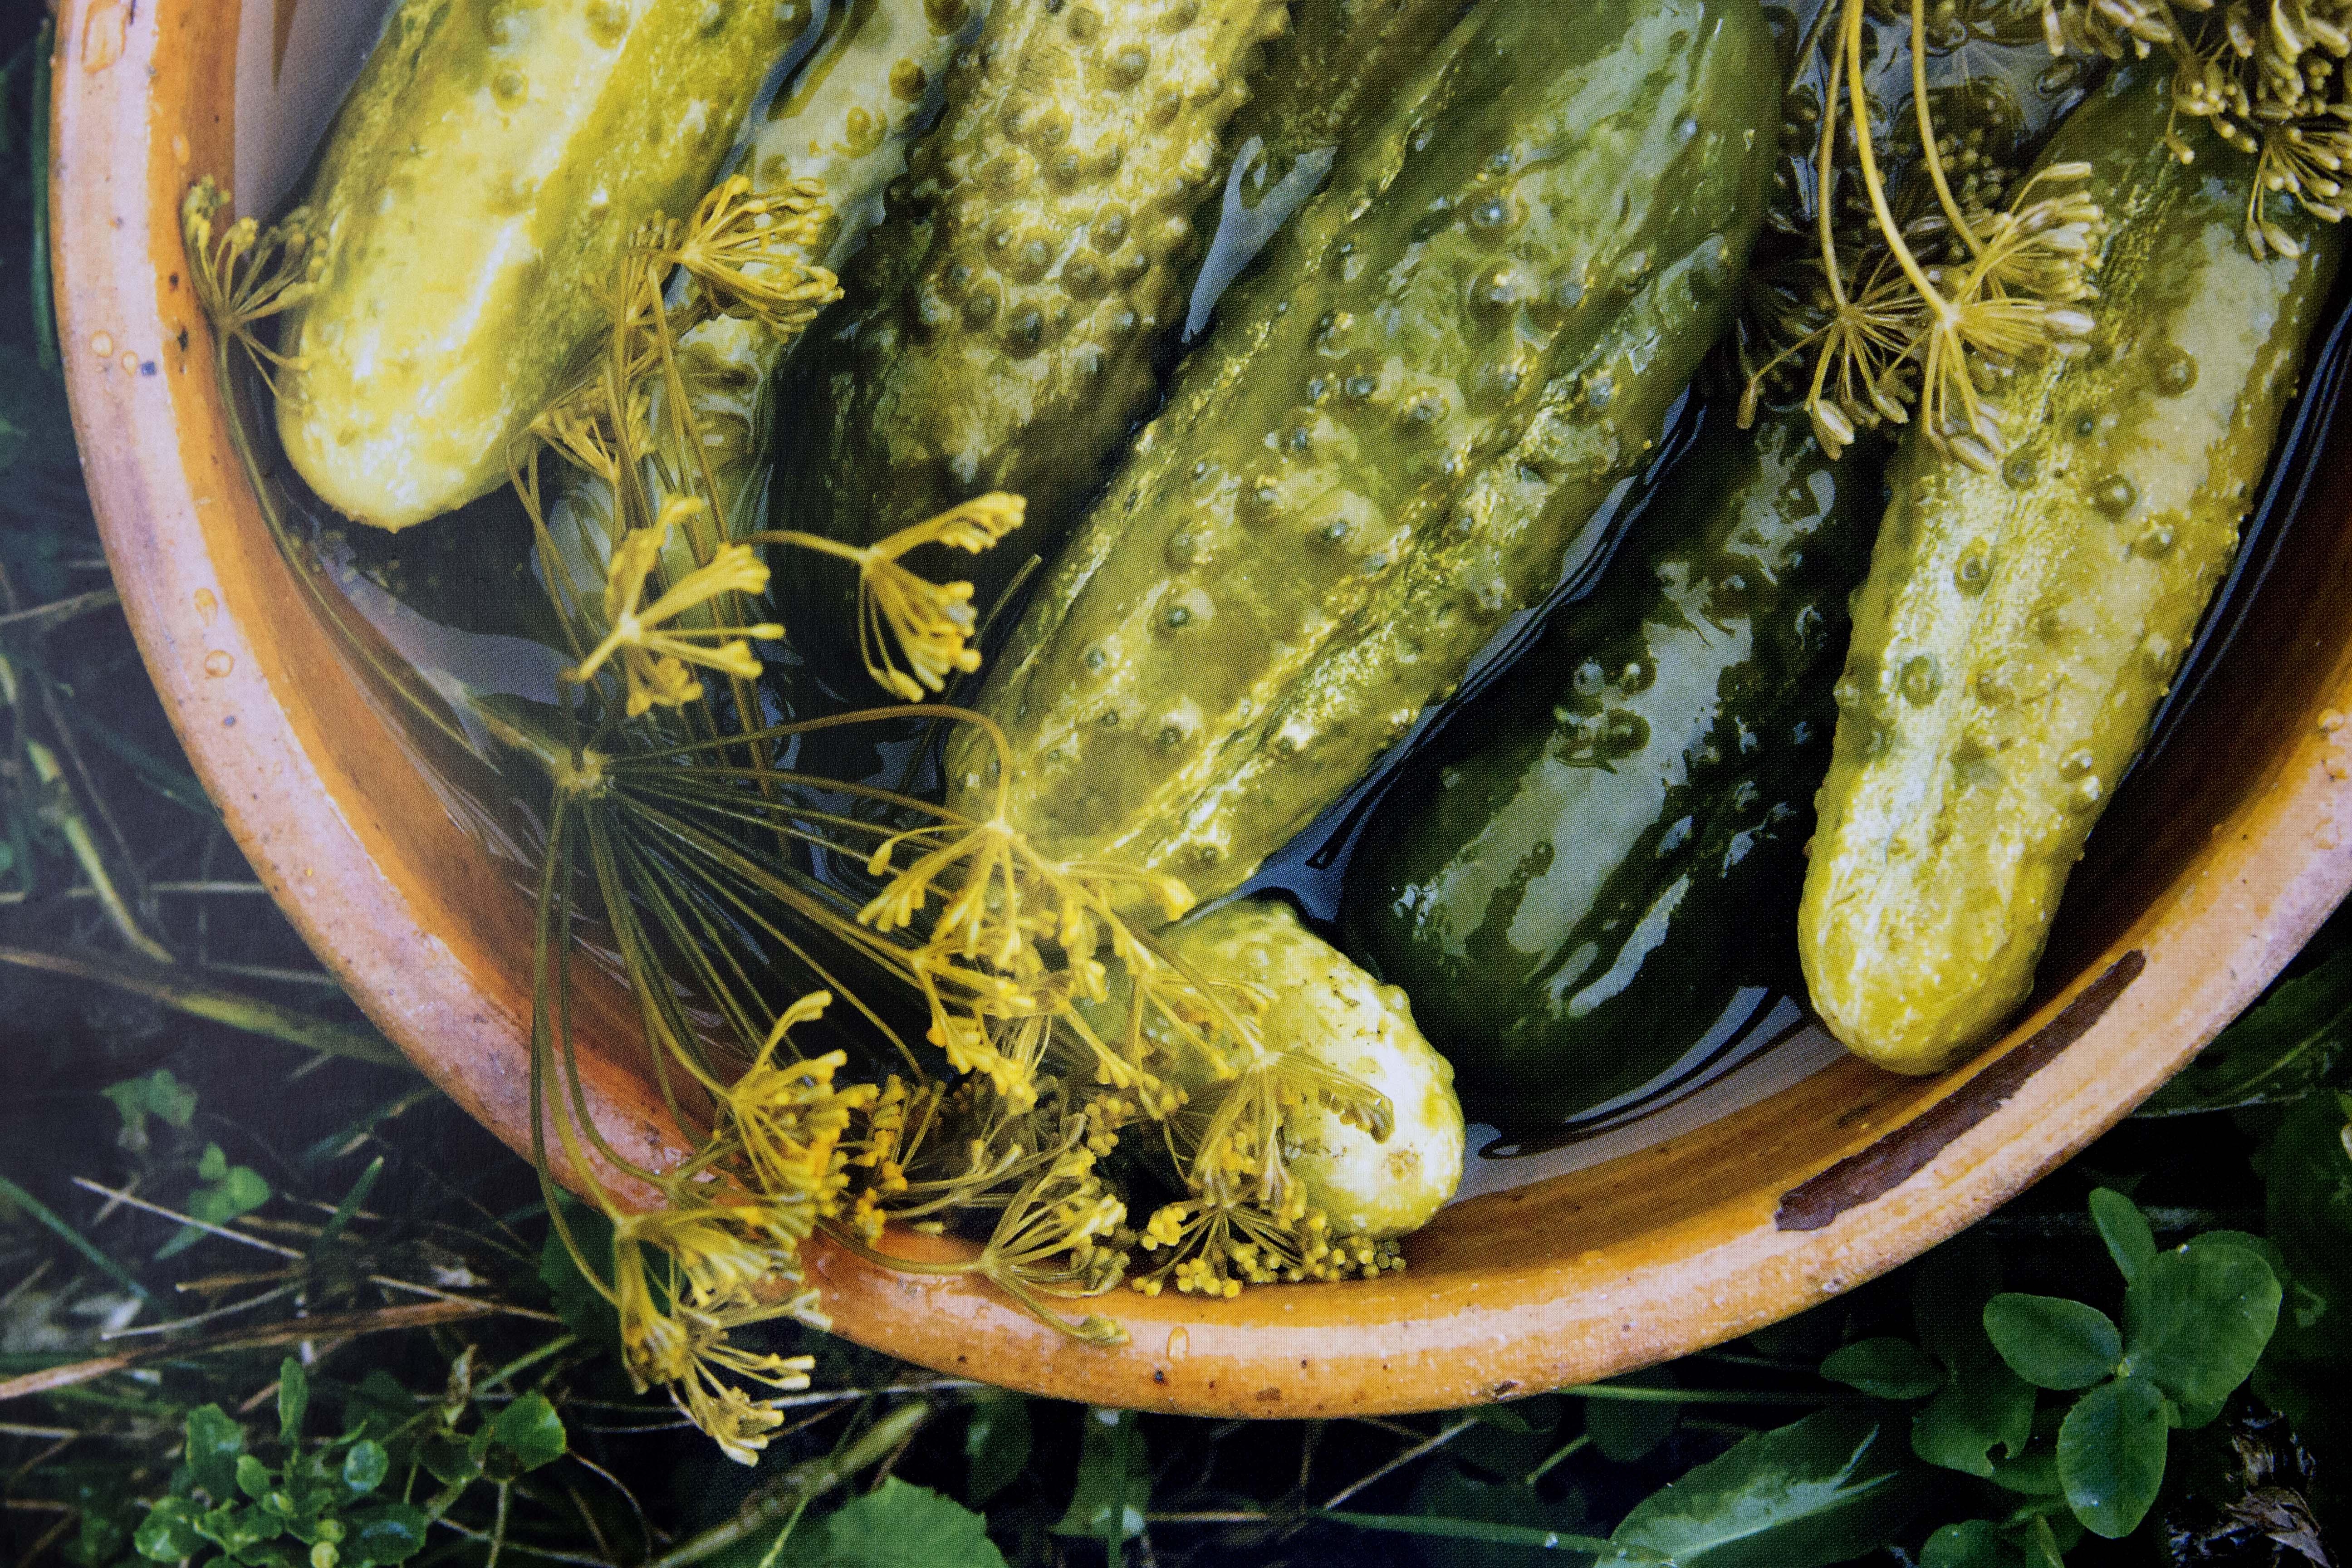 """Cetrioli preparati secondo la tradizione russa (Immagine tratta dal libro """"Cucina russa: regionale e moderna"""" / Russia Expo 2015)"""